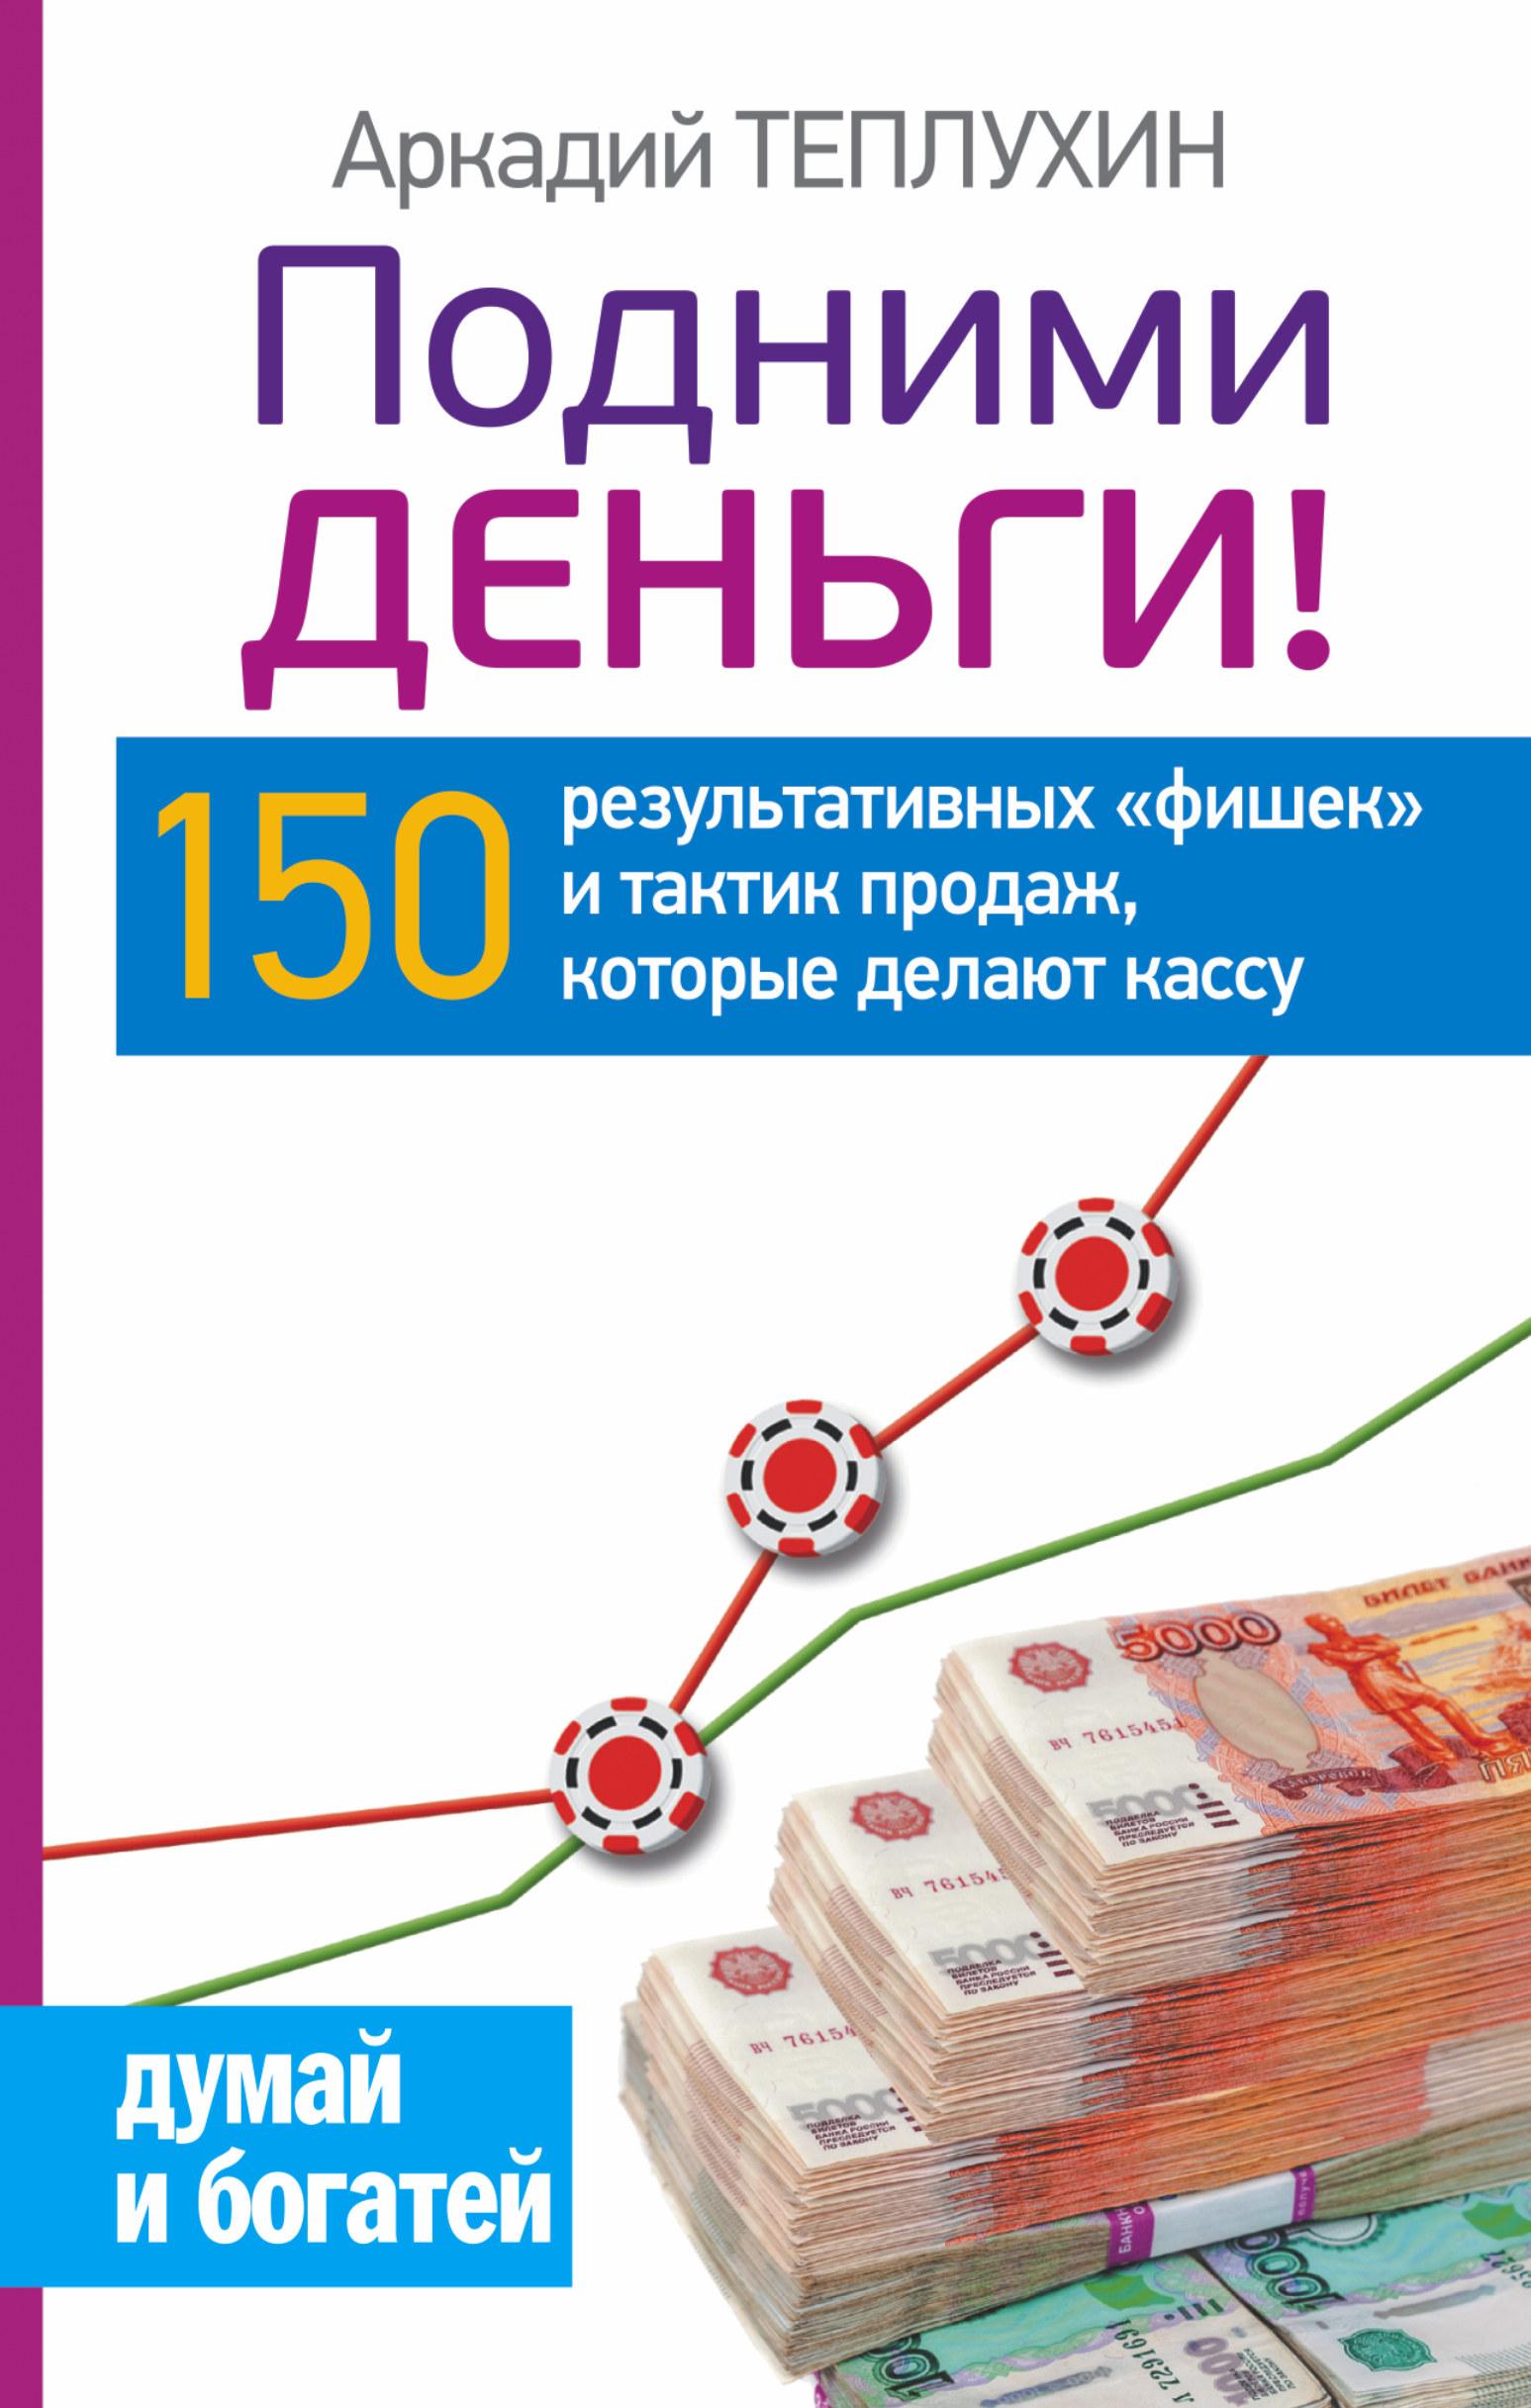 Подними деньги! 150 результативных «фишек» и тактик продаж, которые делают кассу ( Теплухин А.  )